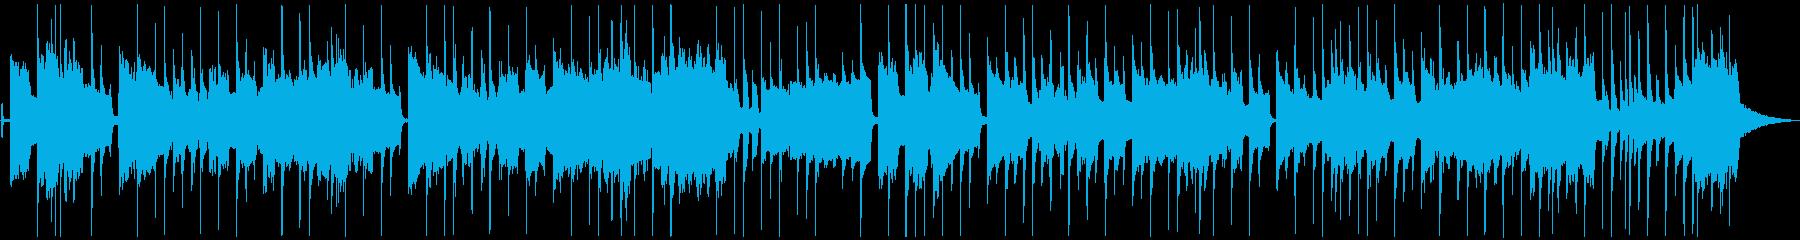 ノリノリ・ファンキー(メロあり)ショートの再生済みの波形